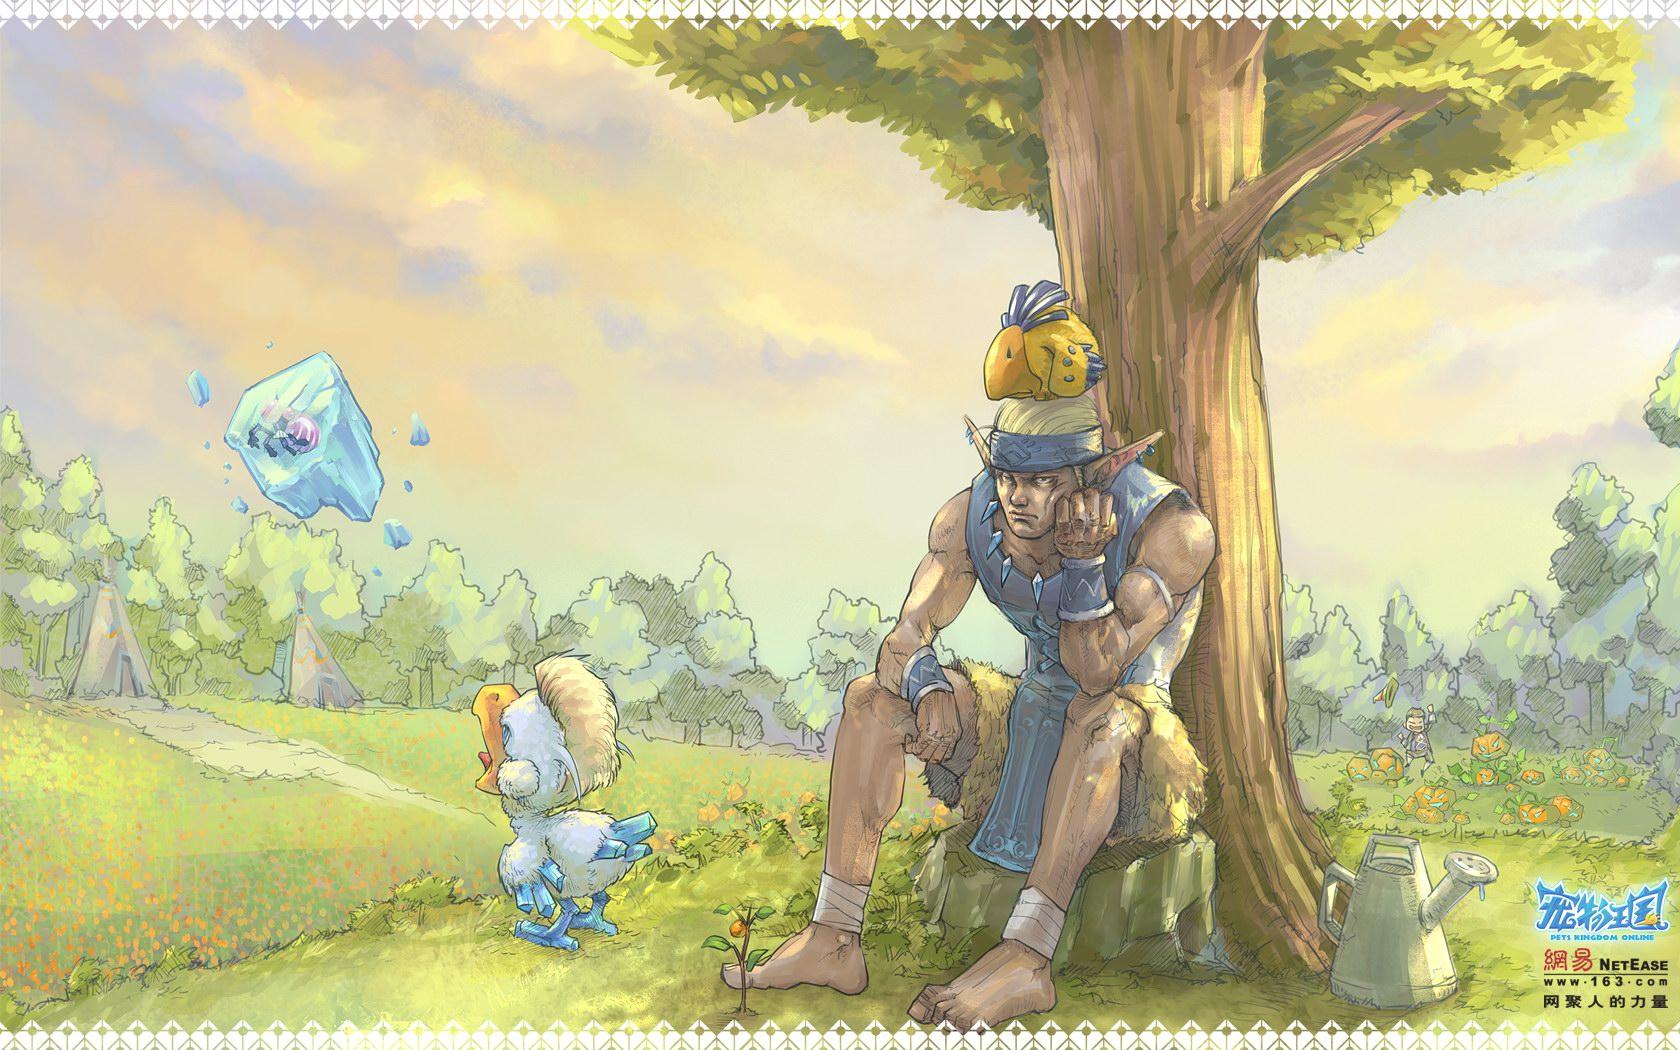 宠物王国壁纸第20张图片